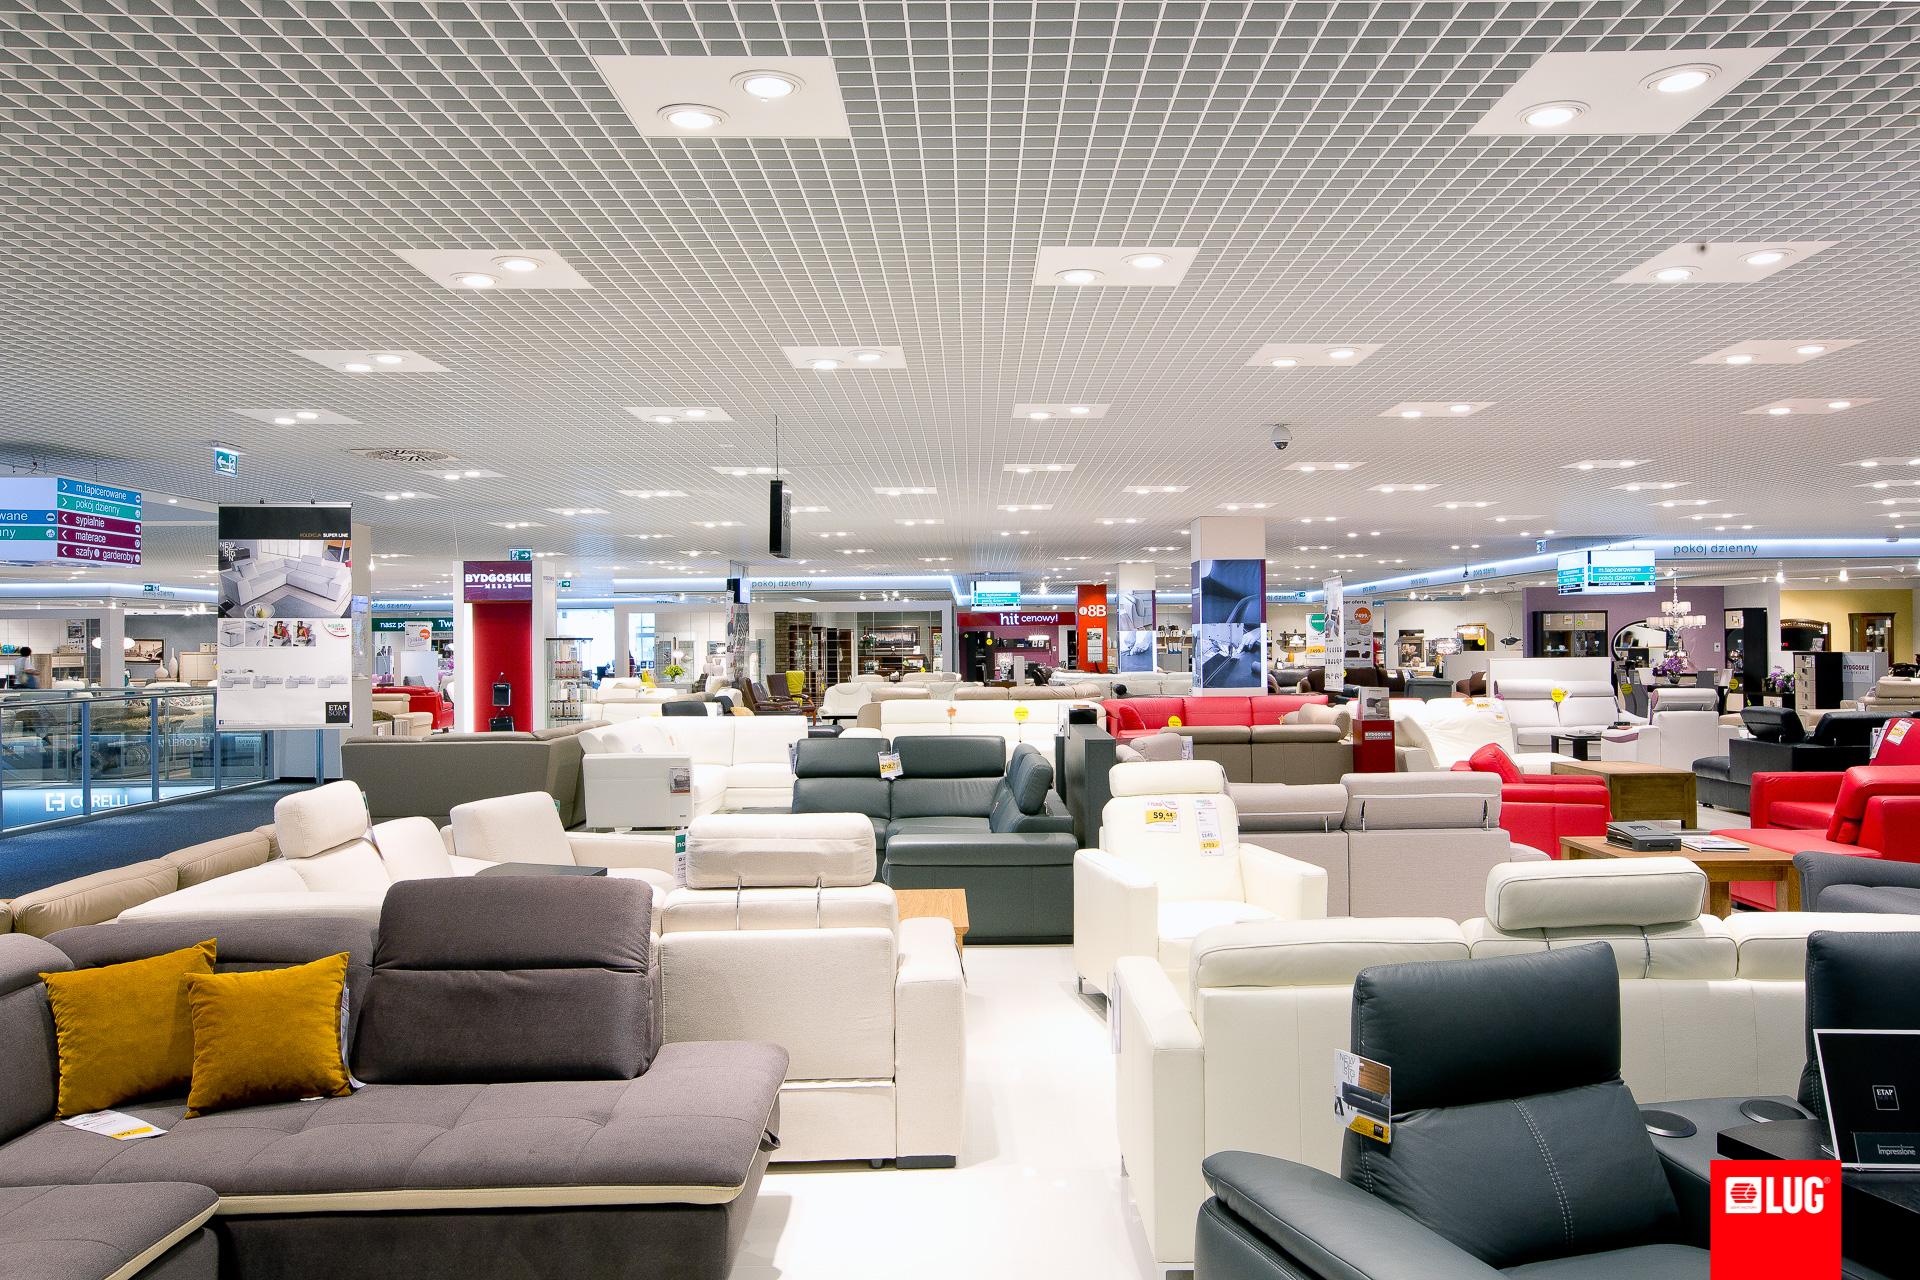 Salone di mobili agata meble cracovia polonia lug for Mobili per salone